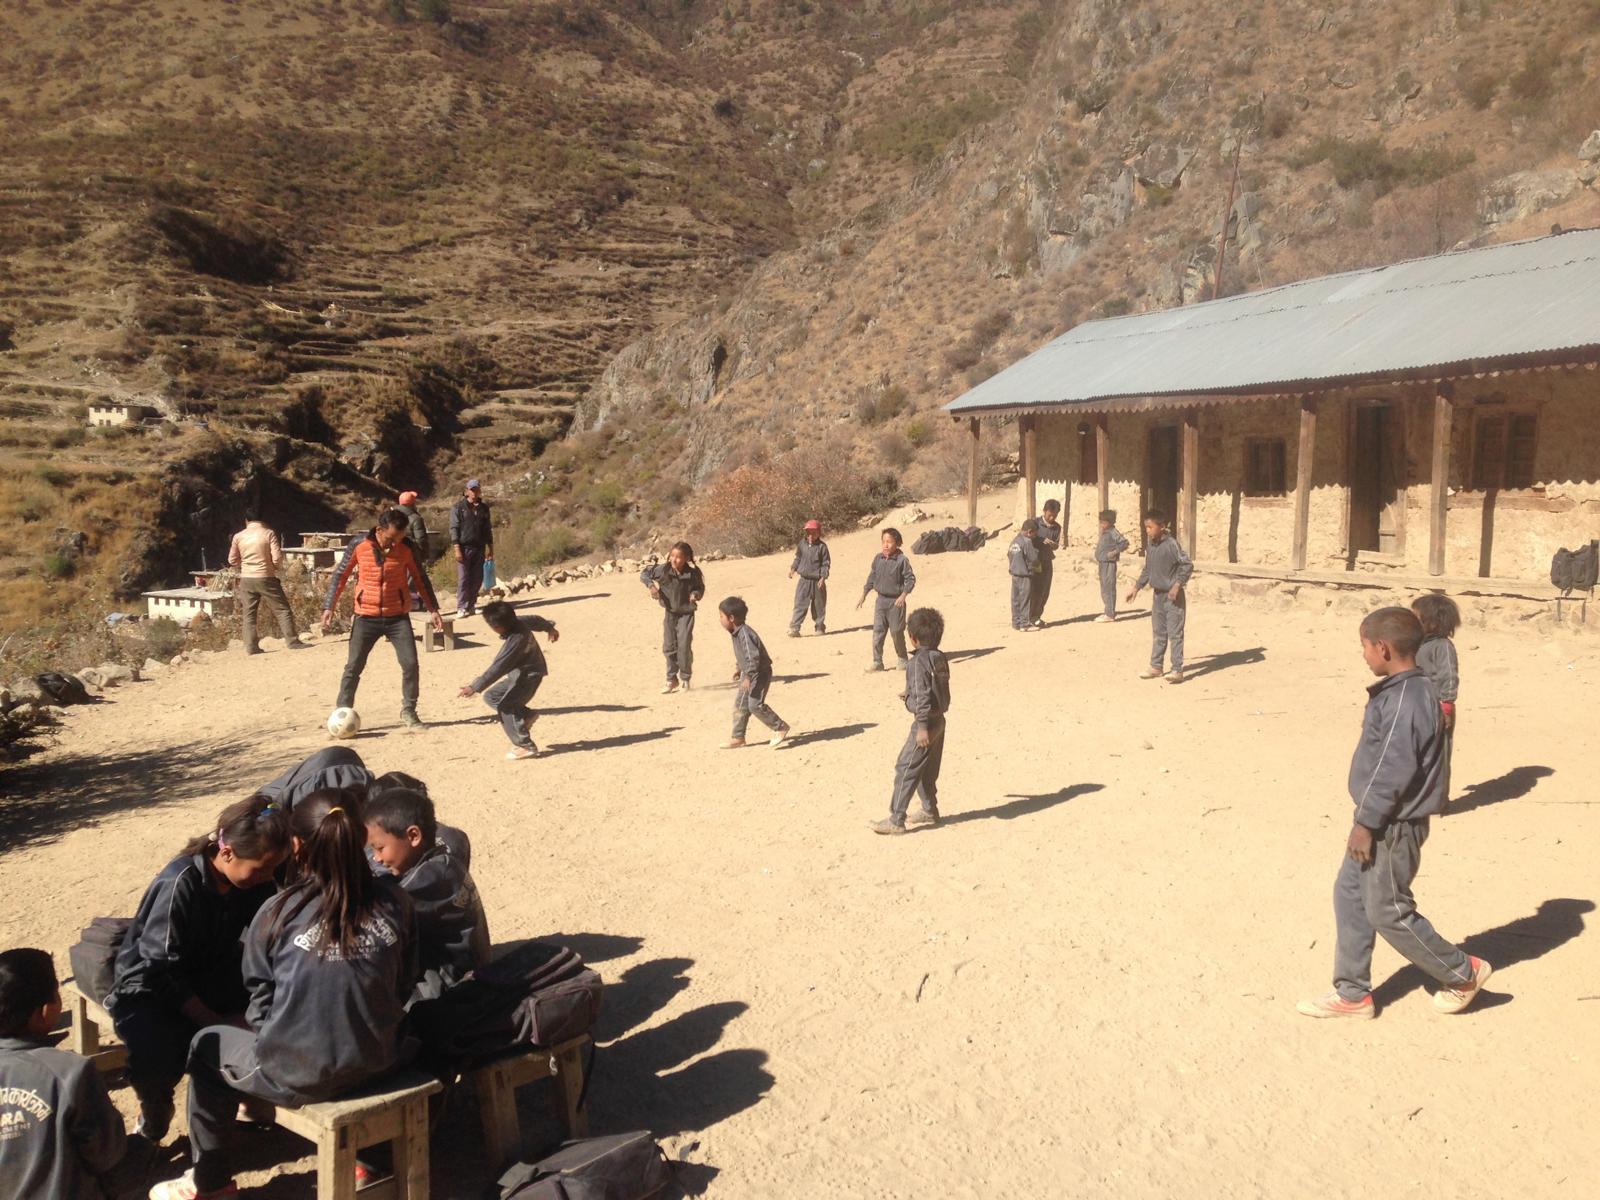 Die kleine Schule in Kermi. Hier steigt die Schülerzahl jährlich durch den Einsatz von Kumar.